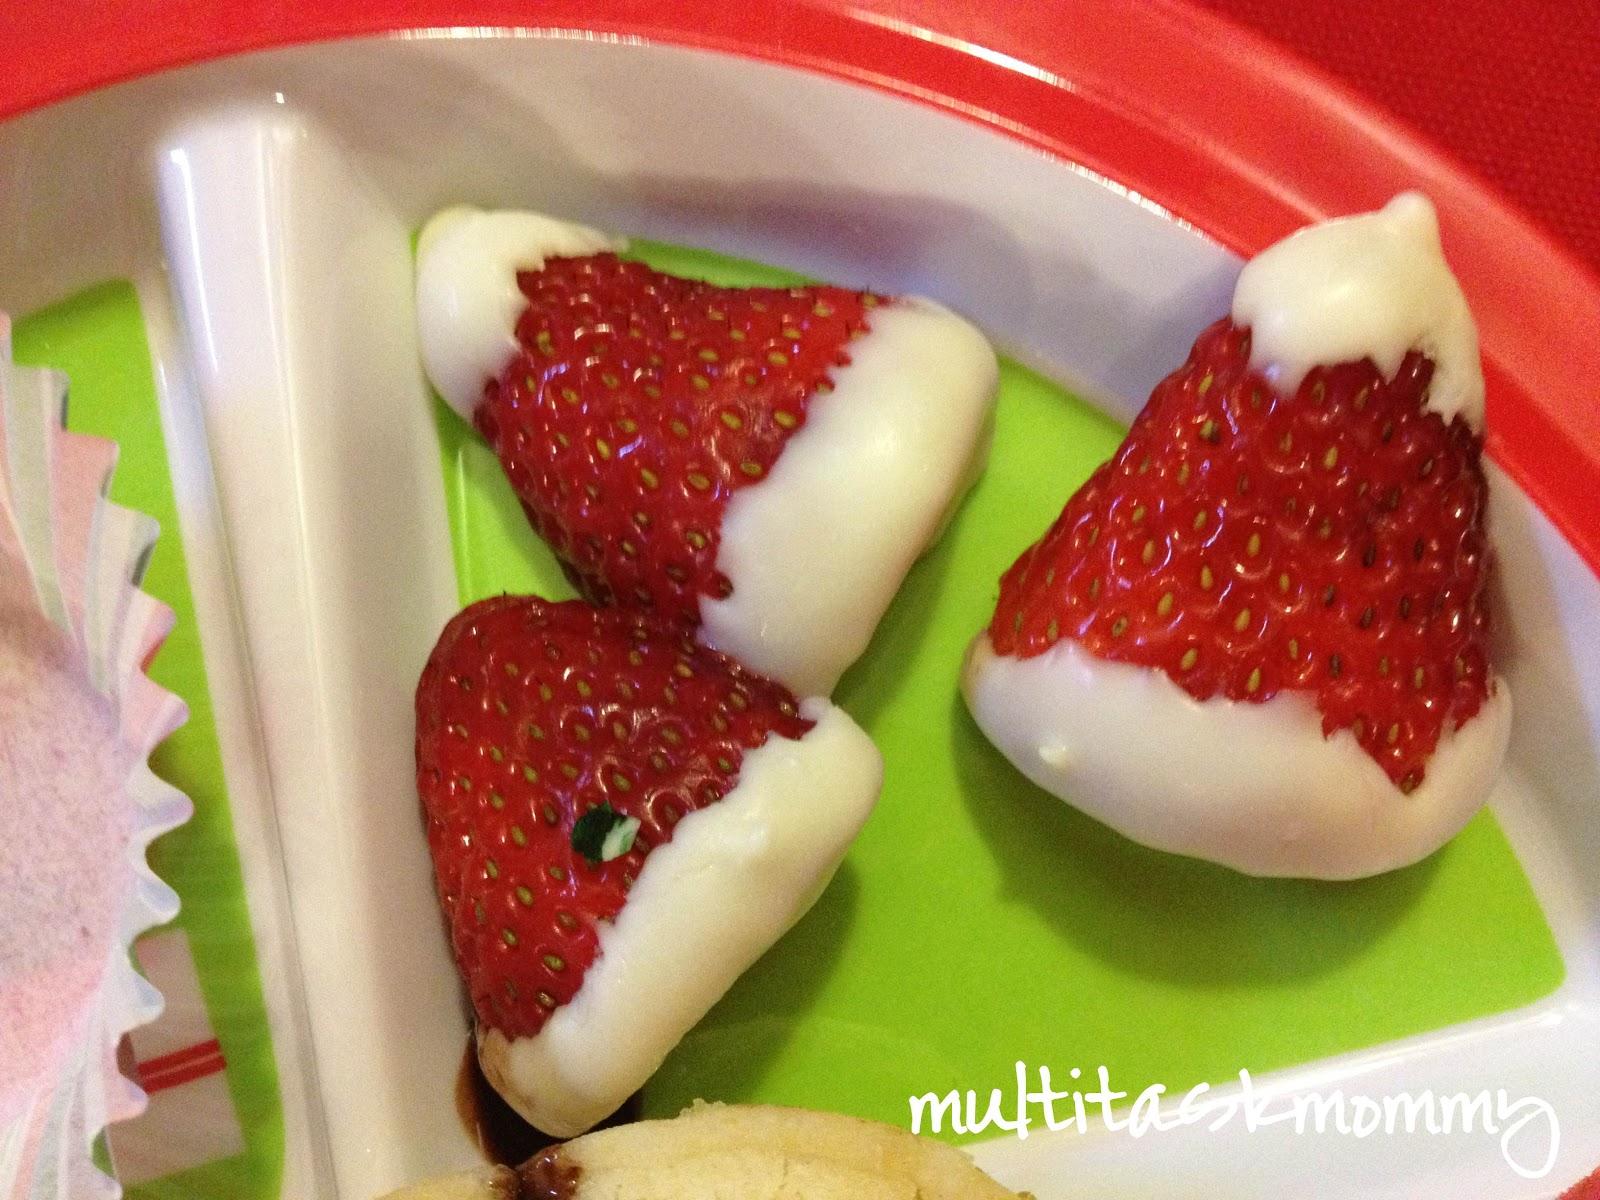 treat strawberries strawberries and cream strawberries and cream bars ...